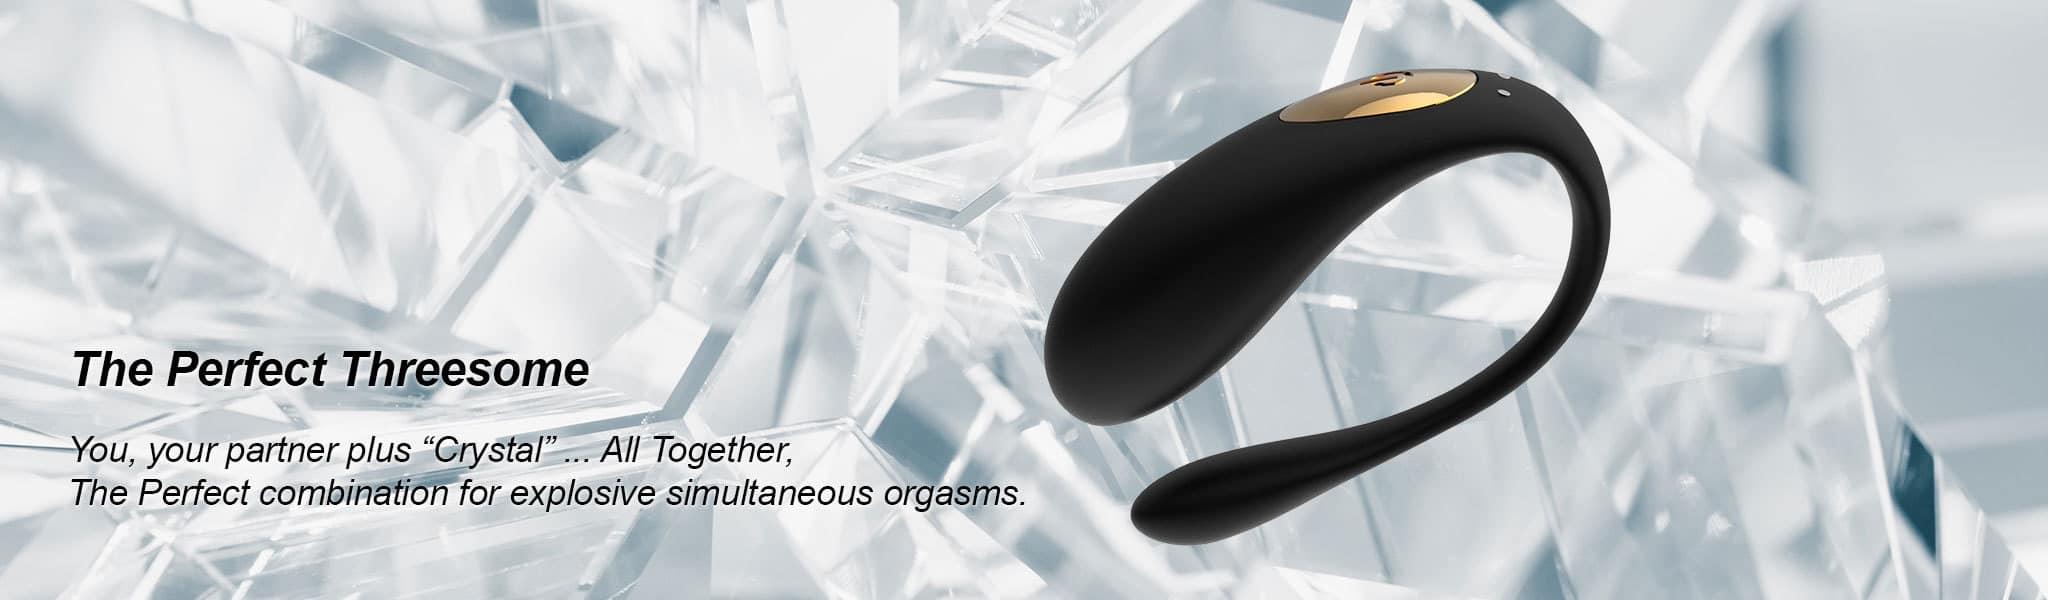 Crystal Couples Vibrator